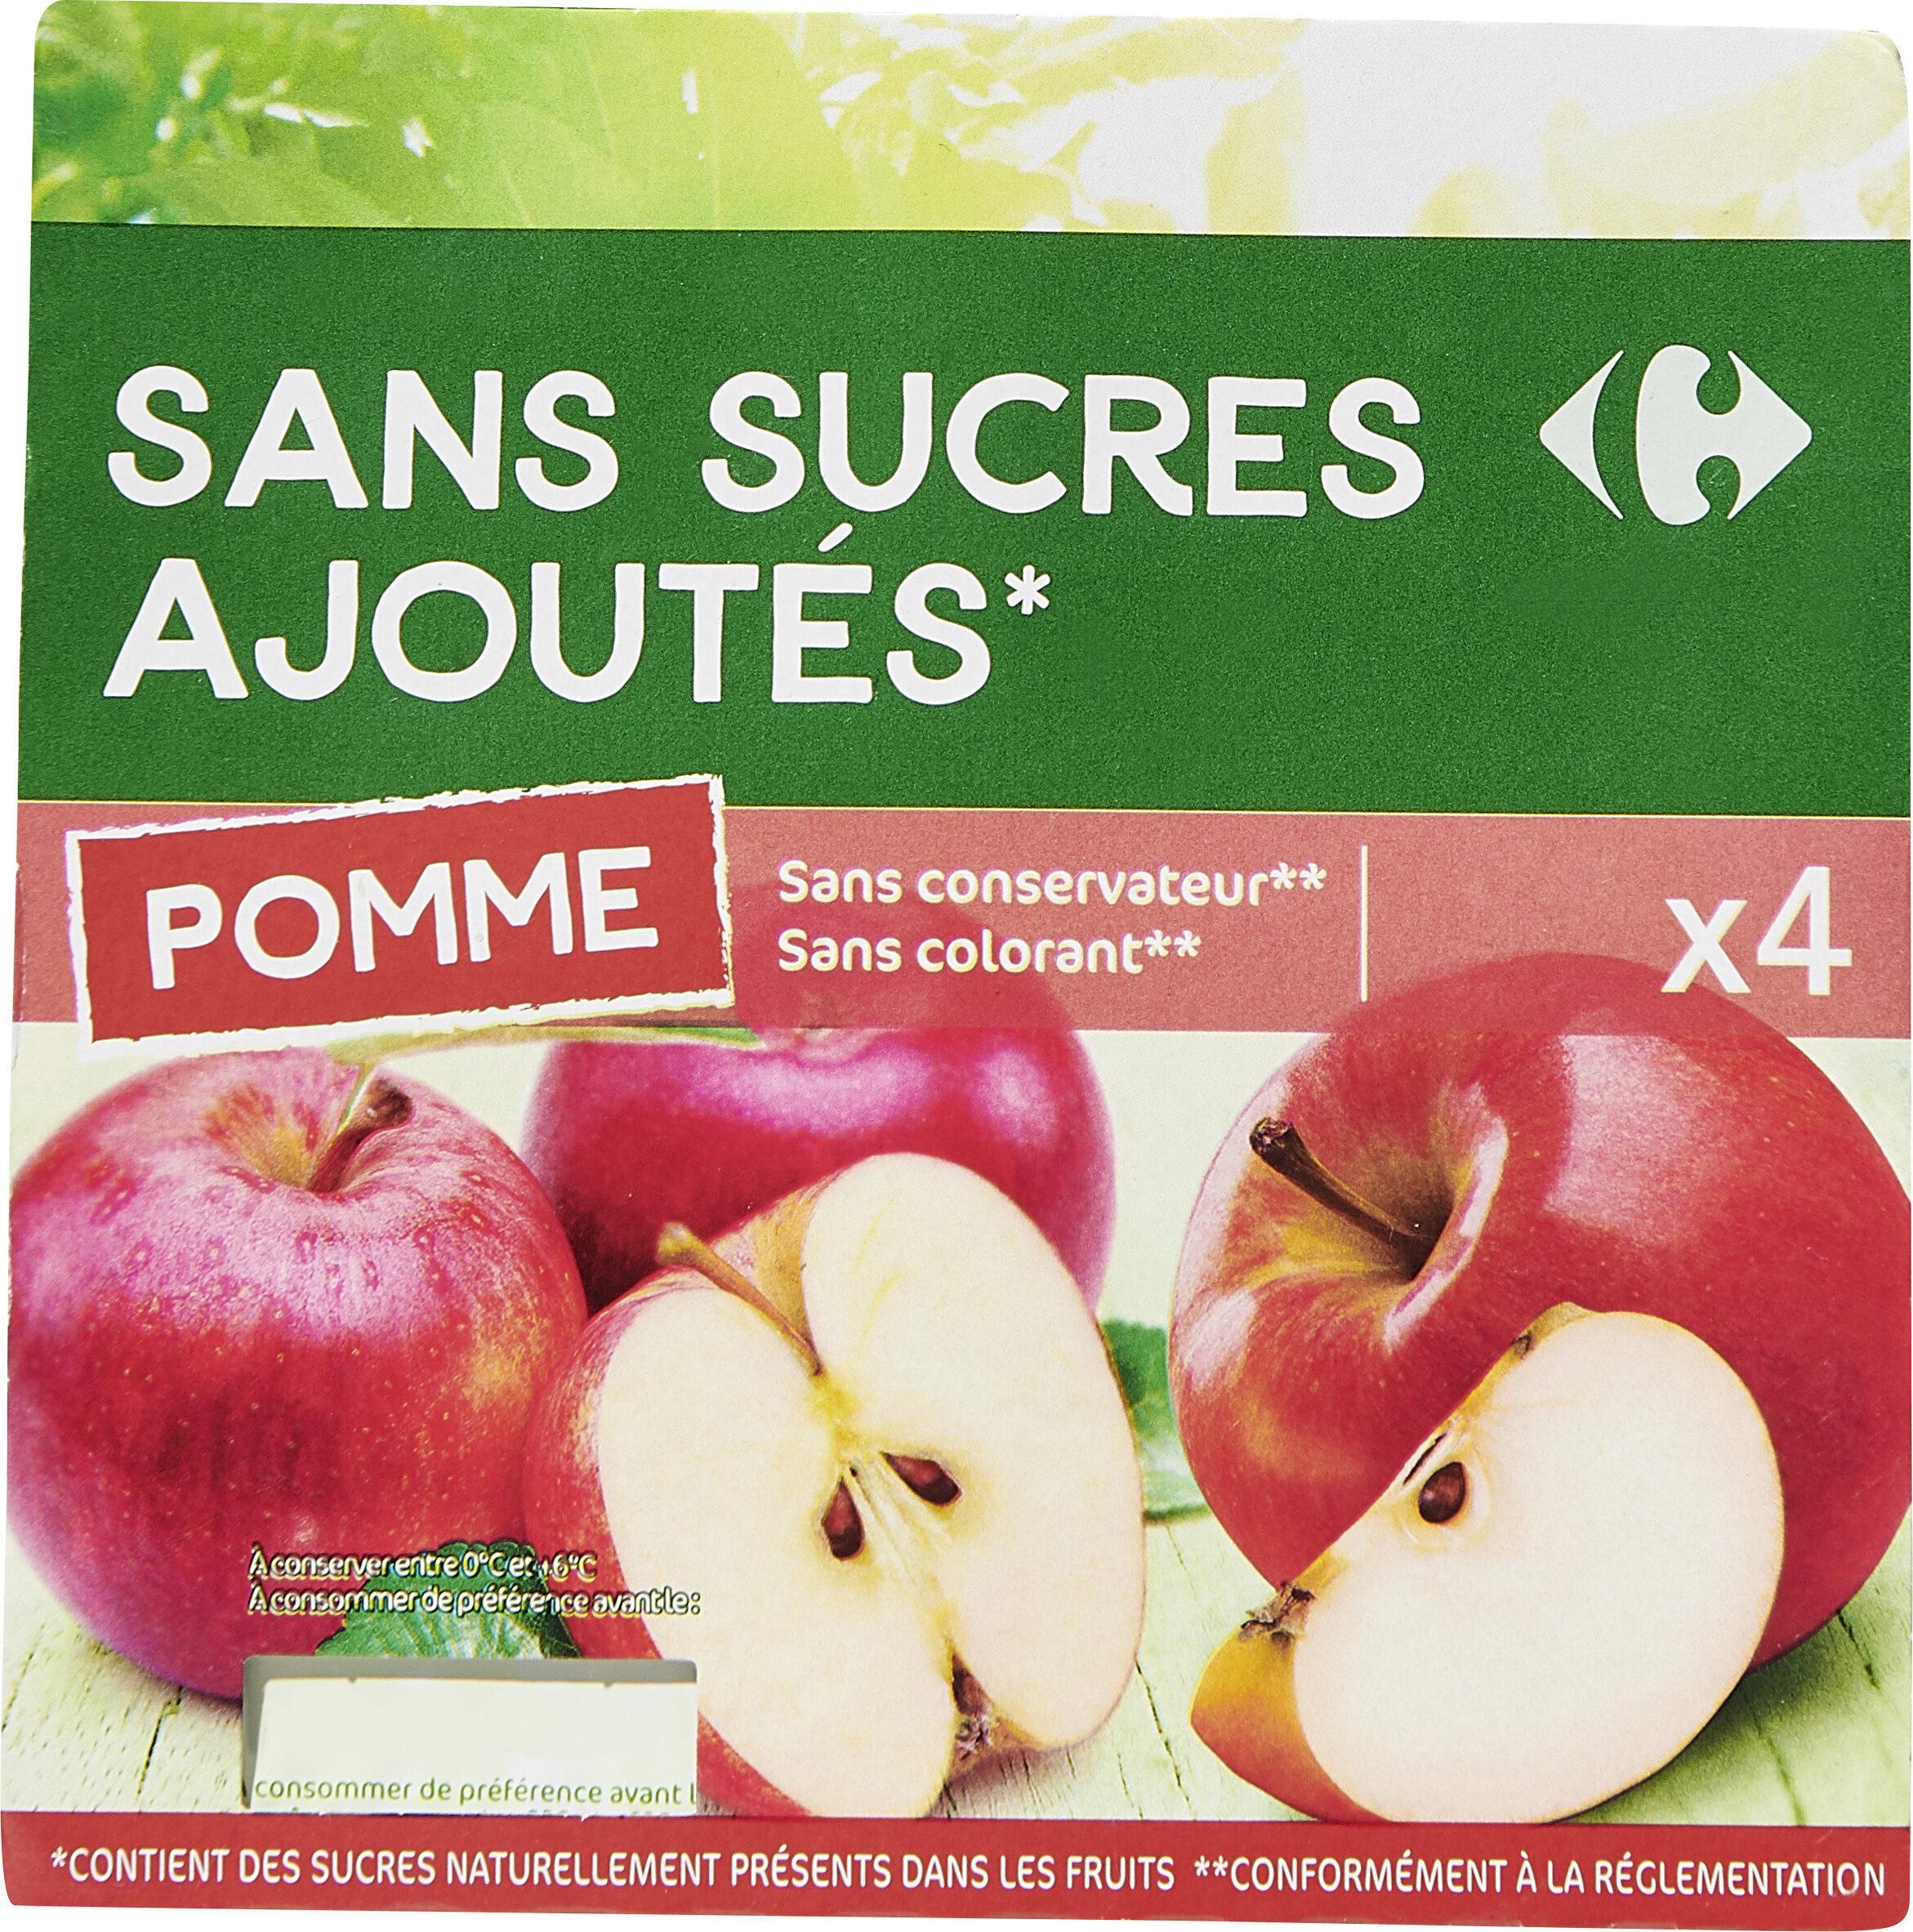 Sans sucres ajoutés * - Prodotto - fr